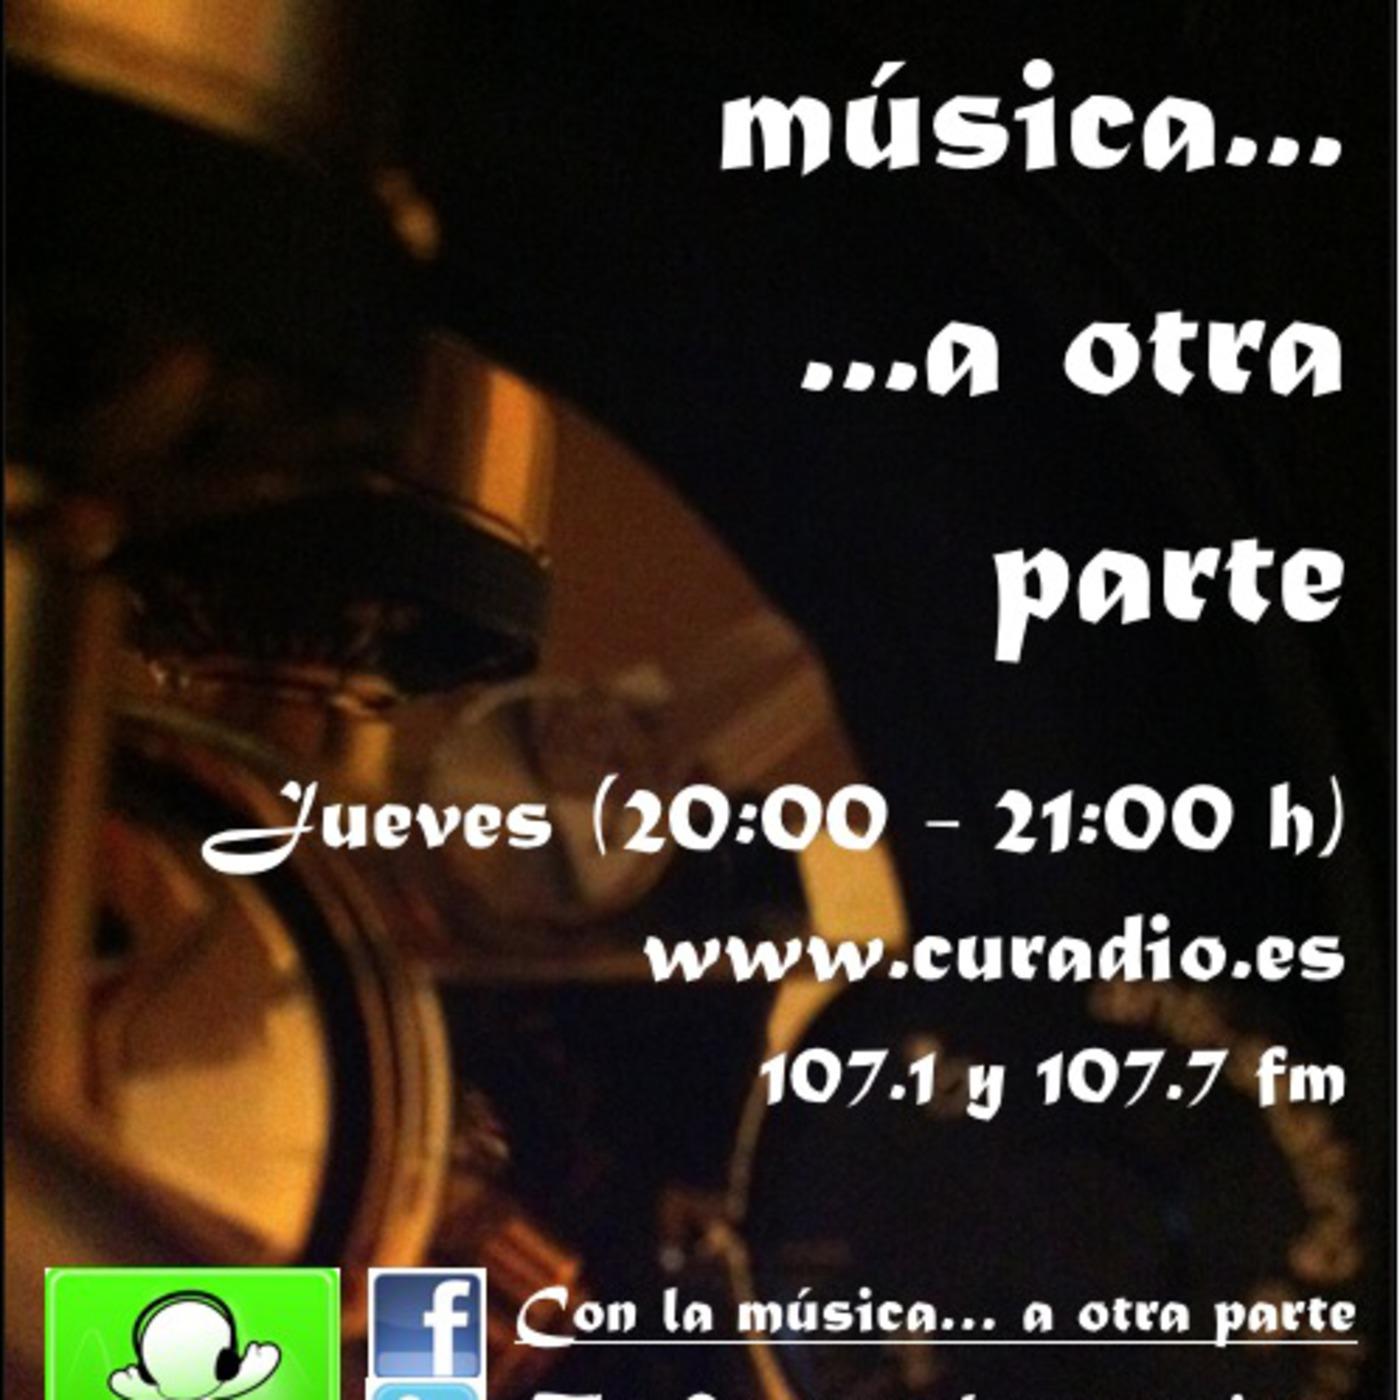 Con la música... a otra parte (www.curadio.es)